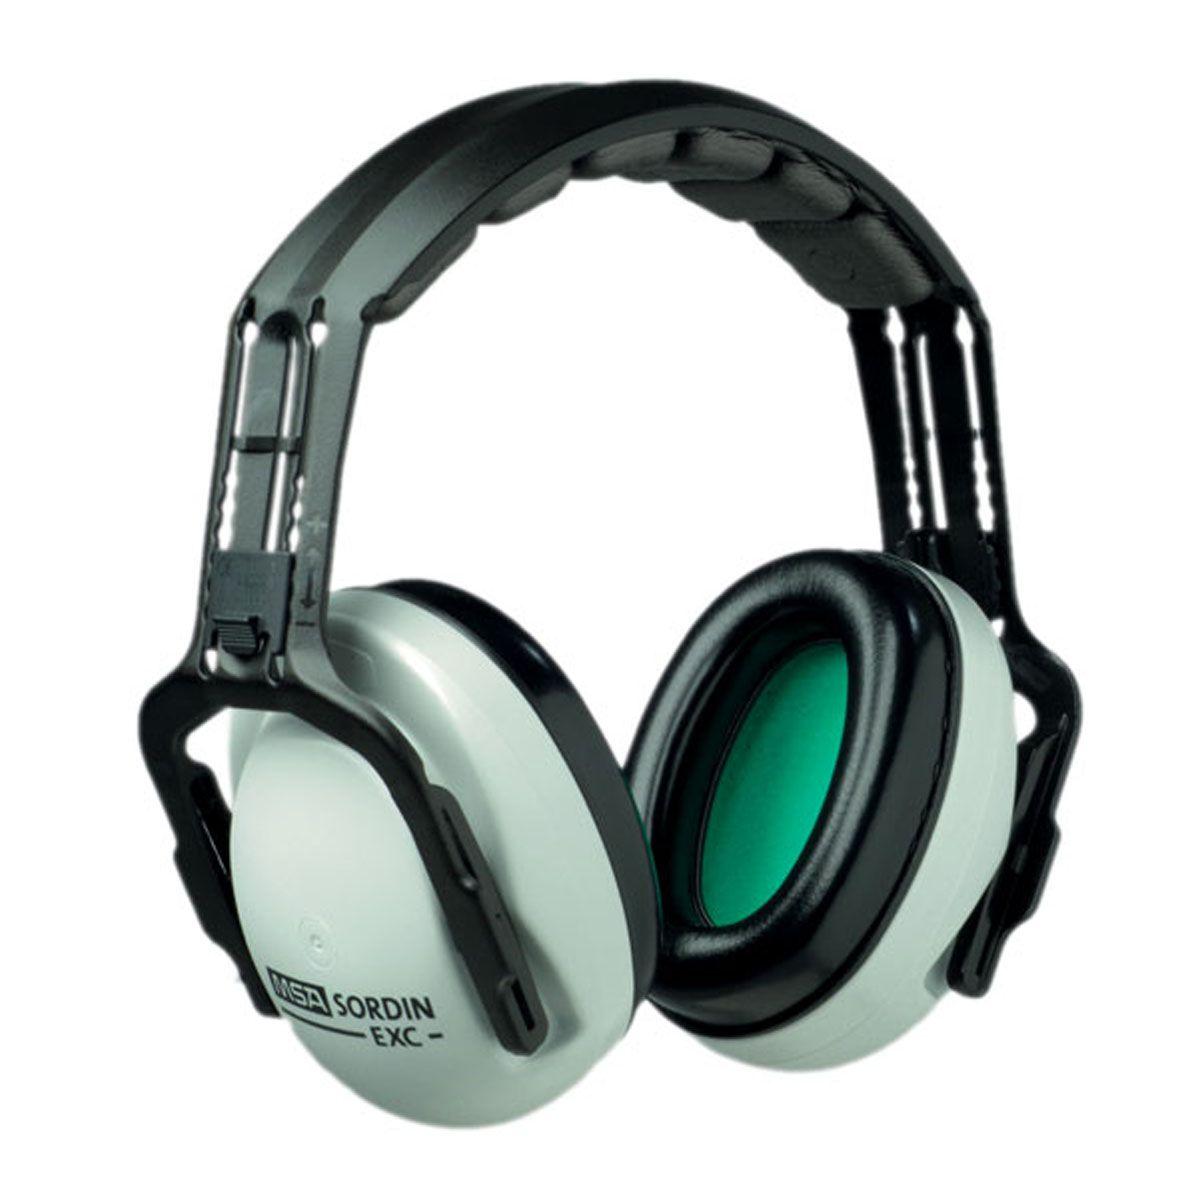 Наушники для стрельбы MSA Sordin EXC, пассивные, с креплением к каскеSOR200100 МЕЕЭти наушники настолько удобны, что Вы не захотите с ними расставаться! Уникальные литые вкладыши обеспечивают исключительное шумоподавление и максимальный комфорт. EXC пригодны для всех областей применения, требующих защиты органов слуха.EN 352-1, EN 352-3С держателем: акустическая эффективность 27 дБ, В = 31, С = 24, Н = 16